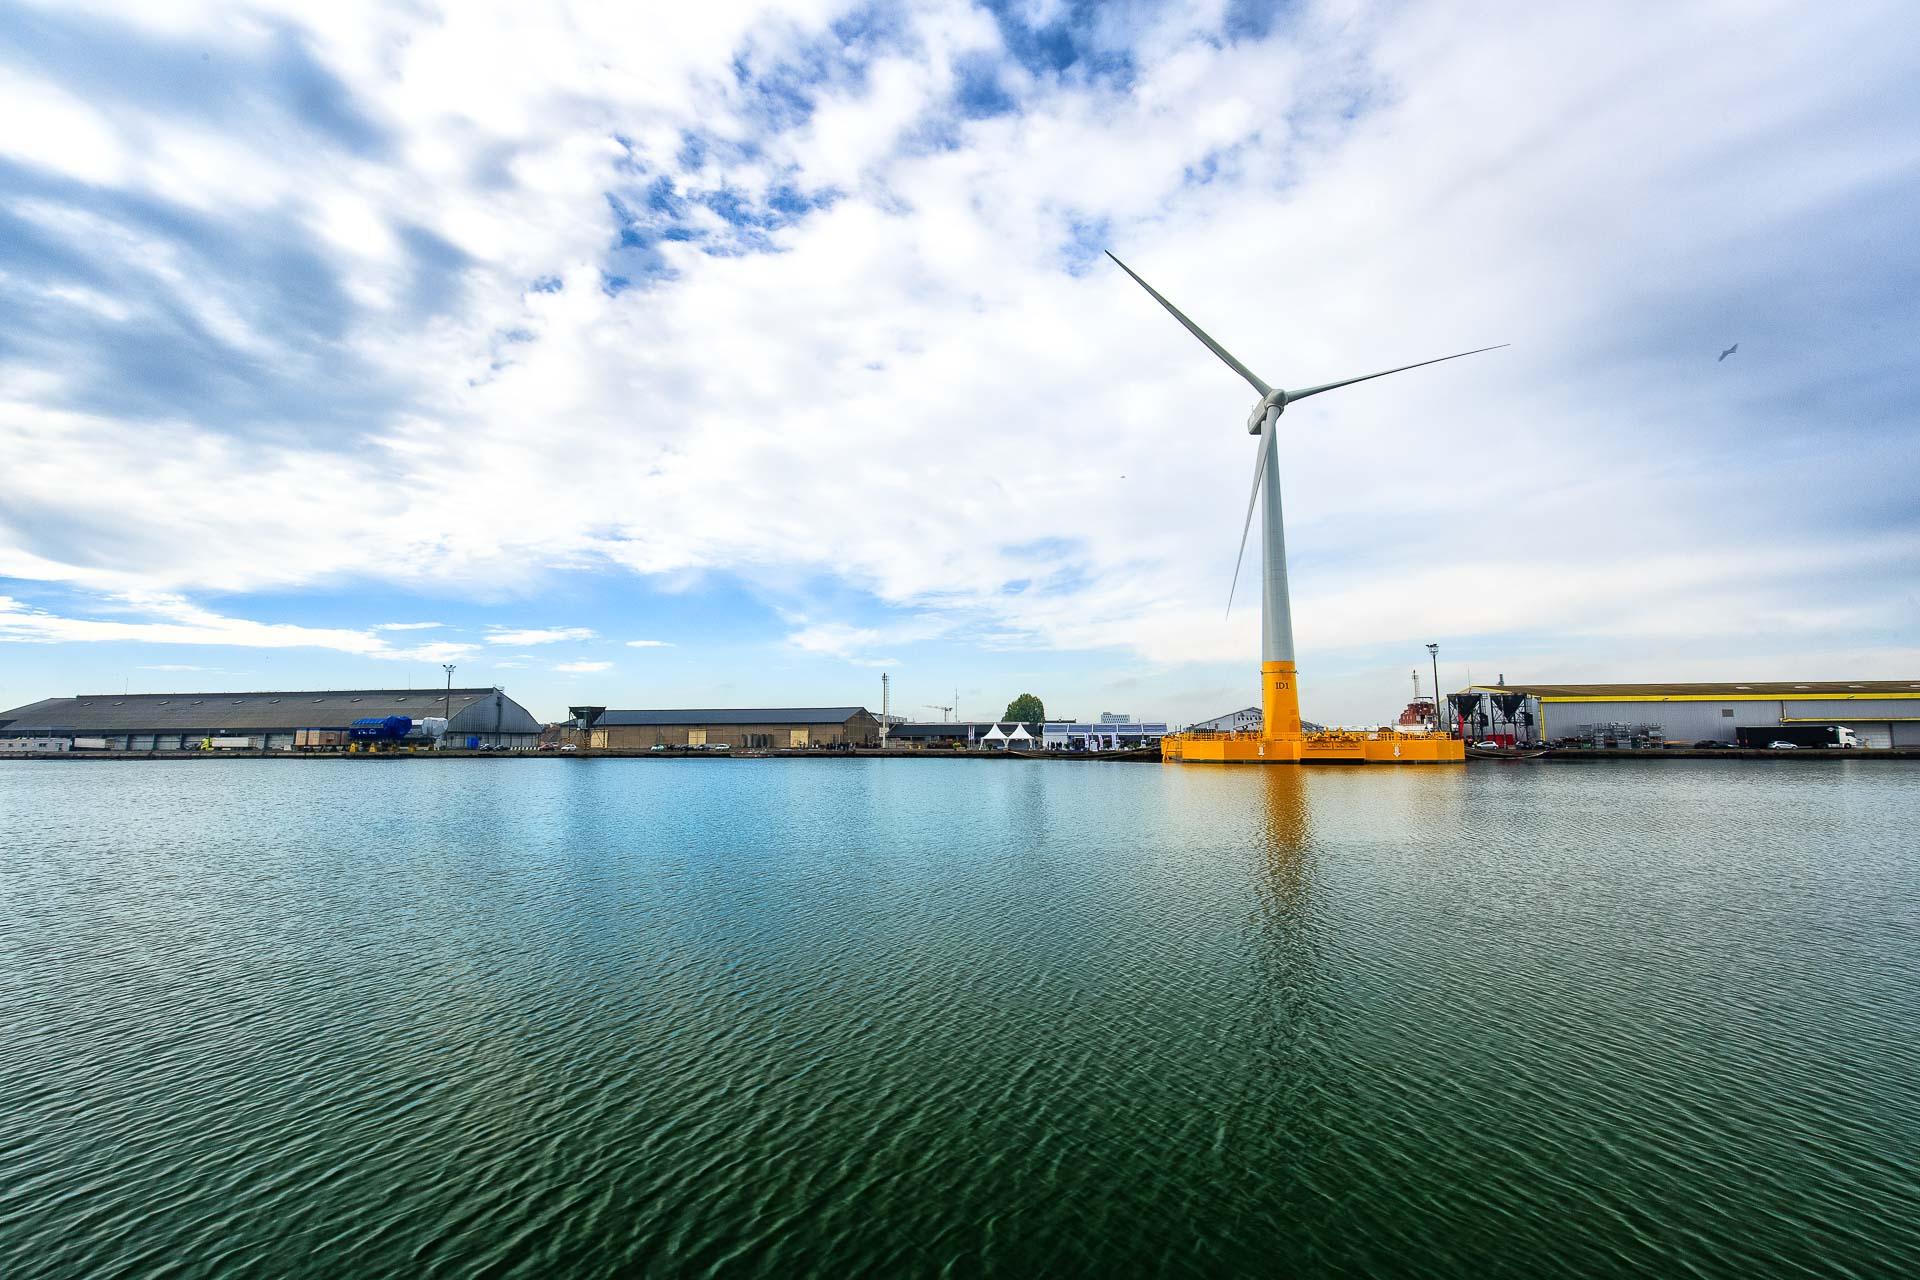 La première éolienne flottante gonfle les voiles de l'éolien en mer français